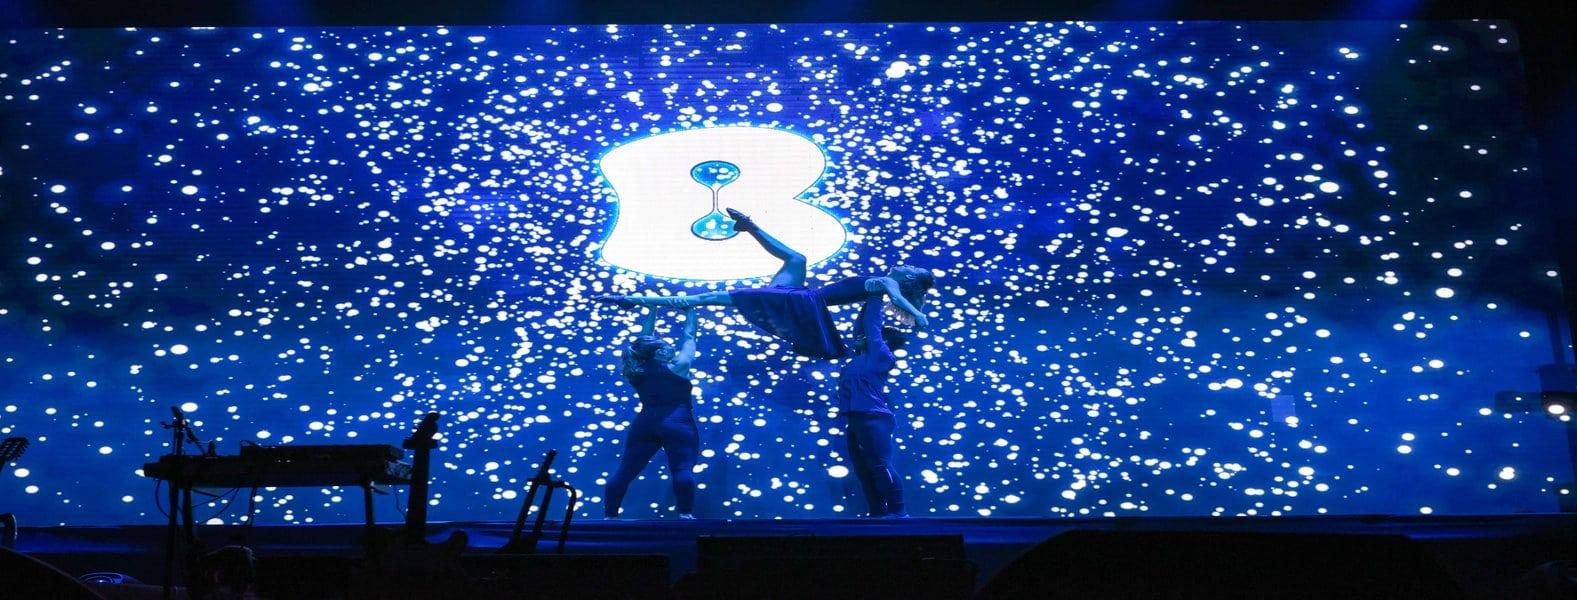 תמונת השער להפקת כנסים. 3 רקדנים במופע המרכזי בכנס בזק לעסקים